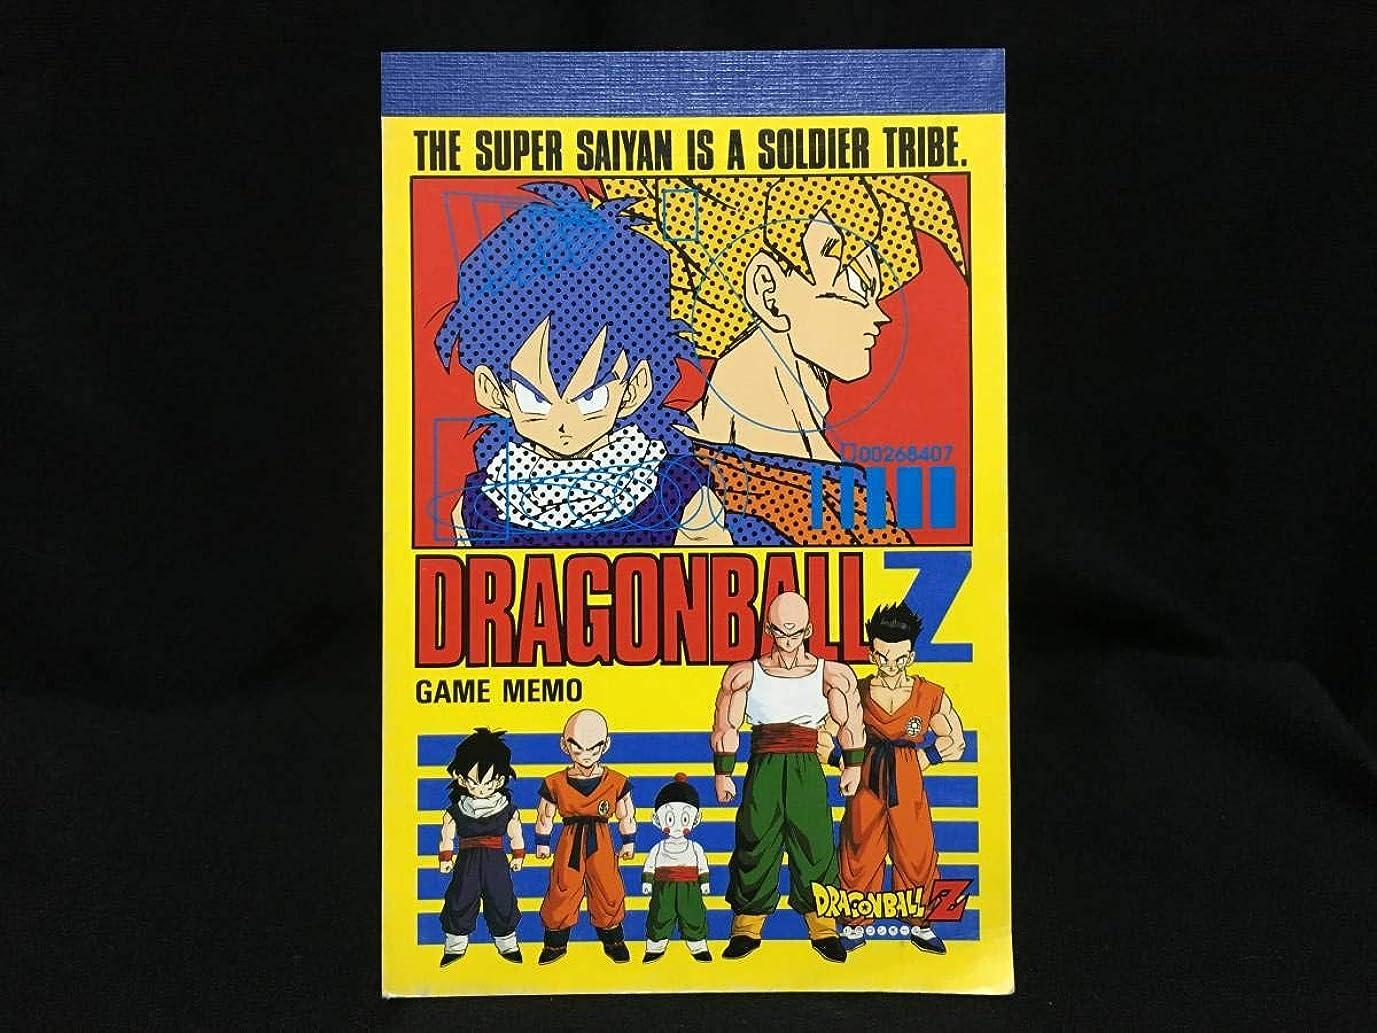 漏斗神経障害伝えるショウワノート ドラゴンボールZ ゲームメモ 少年ジャンプ アニメ 日本製 当時もの